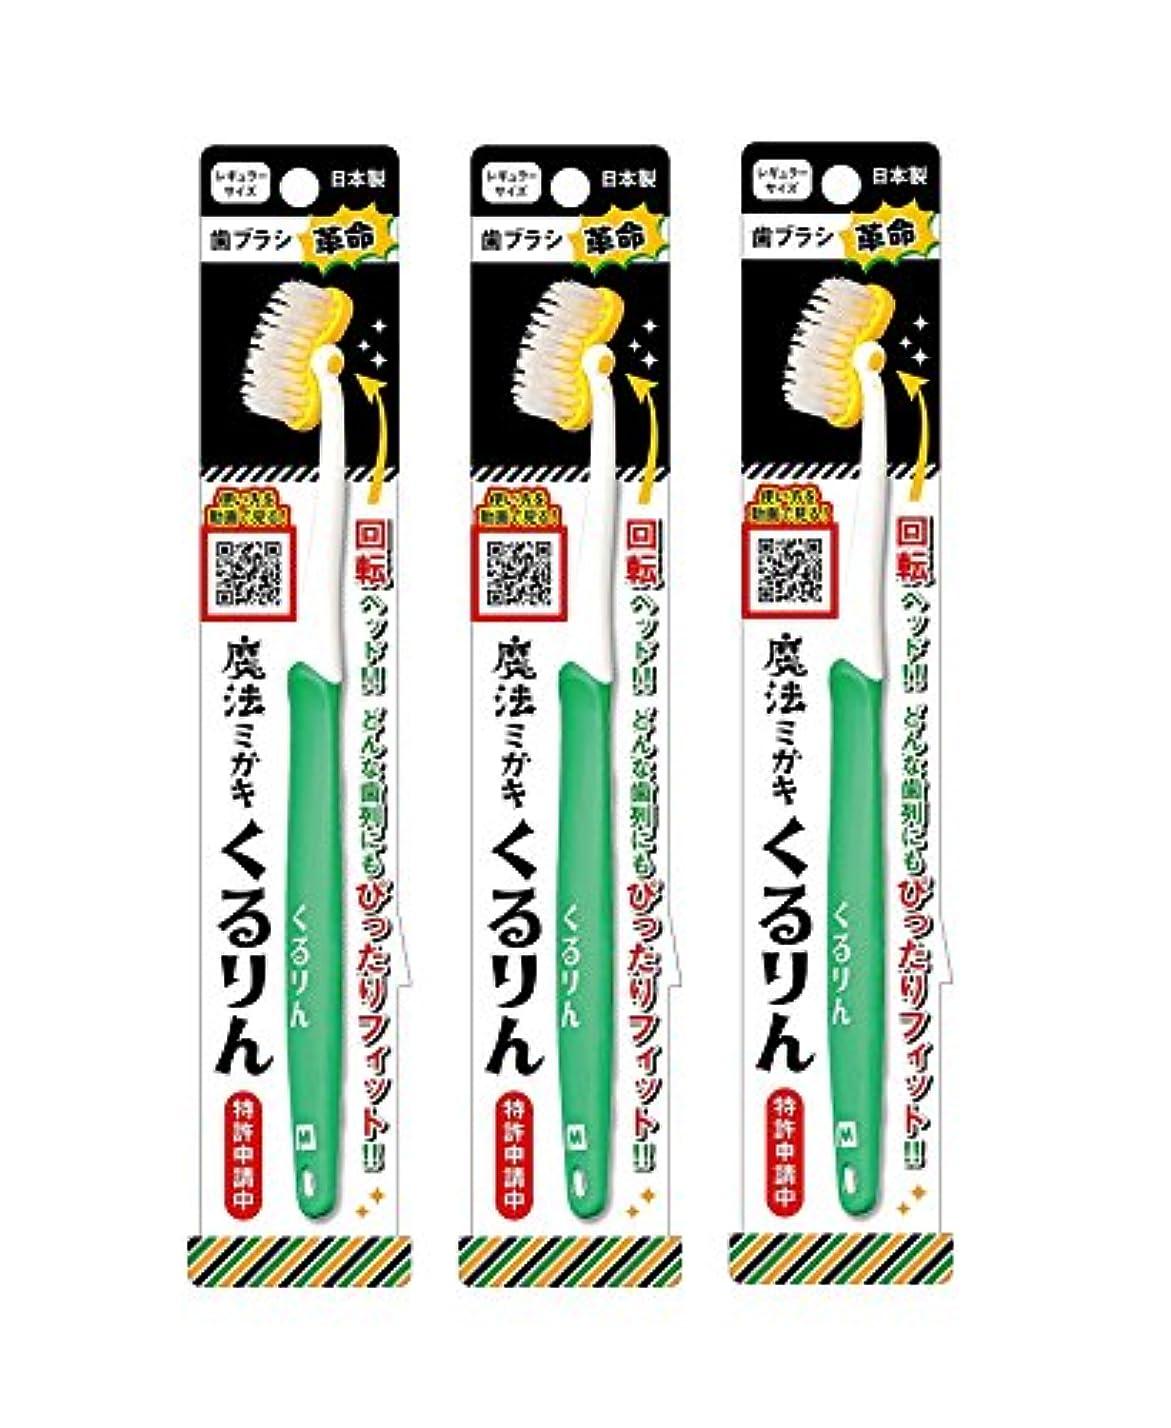 最も遠い分解する事前歯ブラシ革命 魔法ミガキくるりん MM-151 グリーン 3本セット